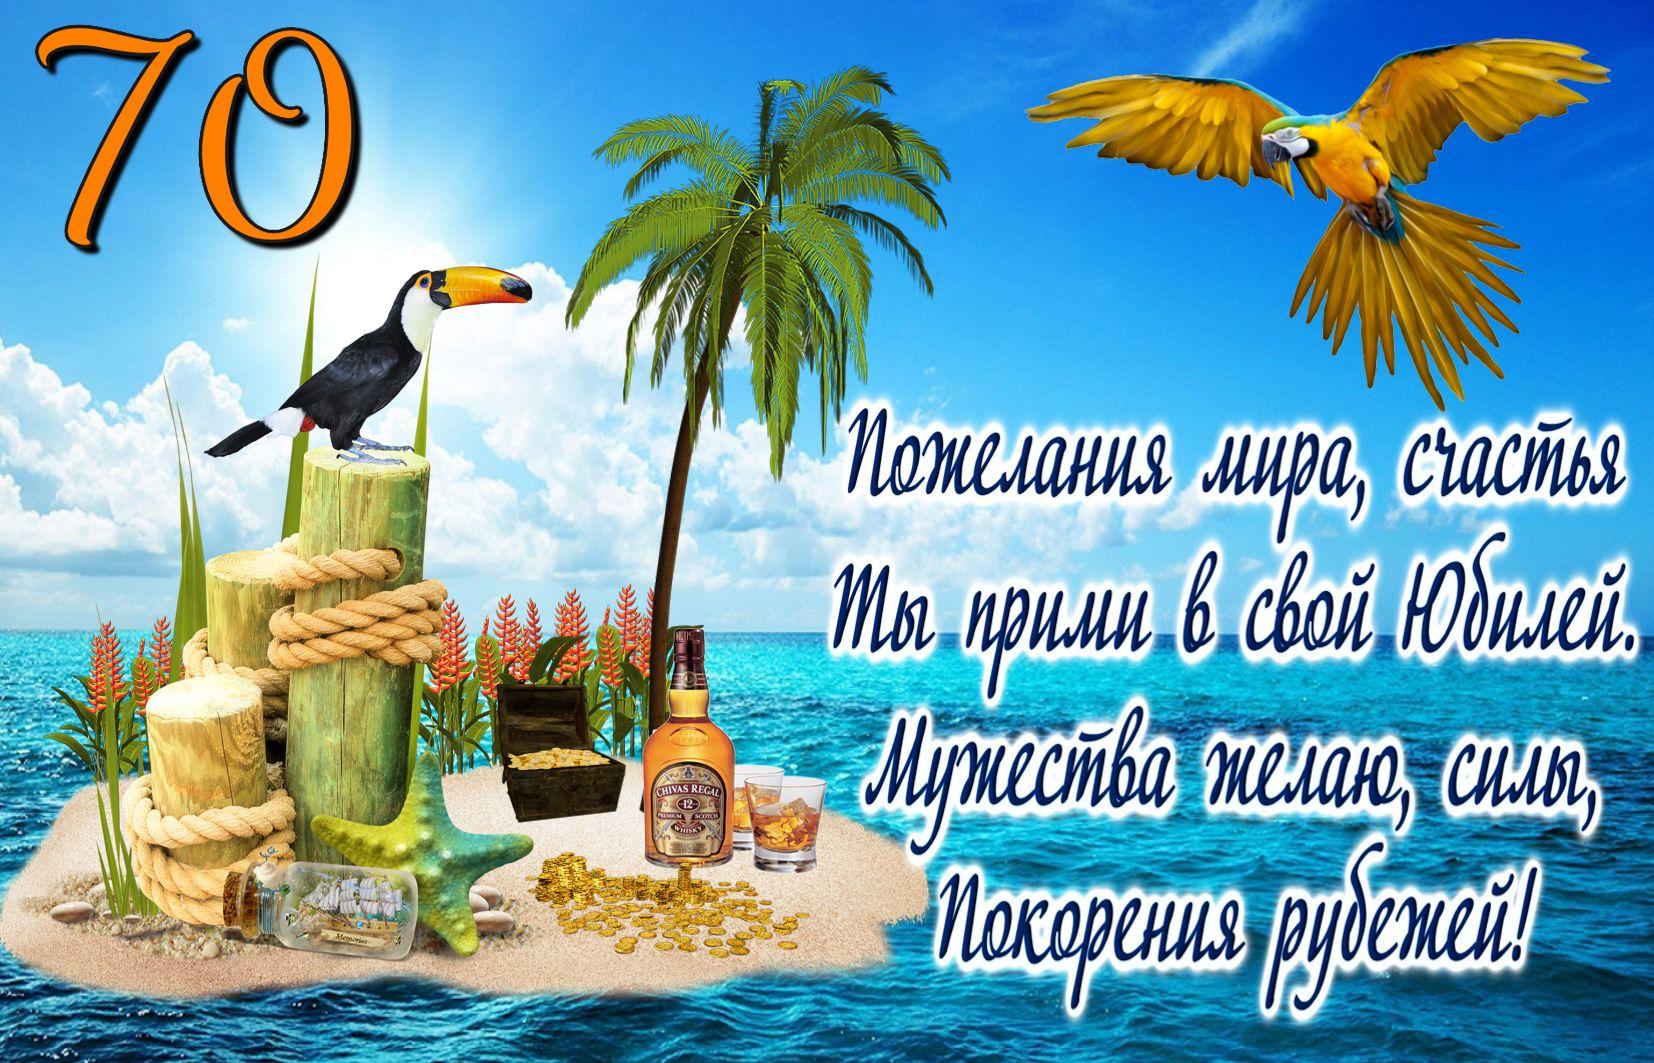 Открытка на юбилей 70 лет - пожелание на фоне сказочного островка